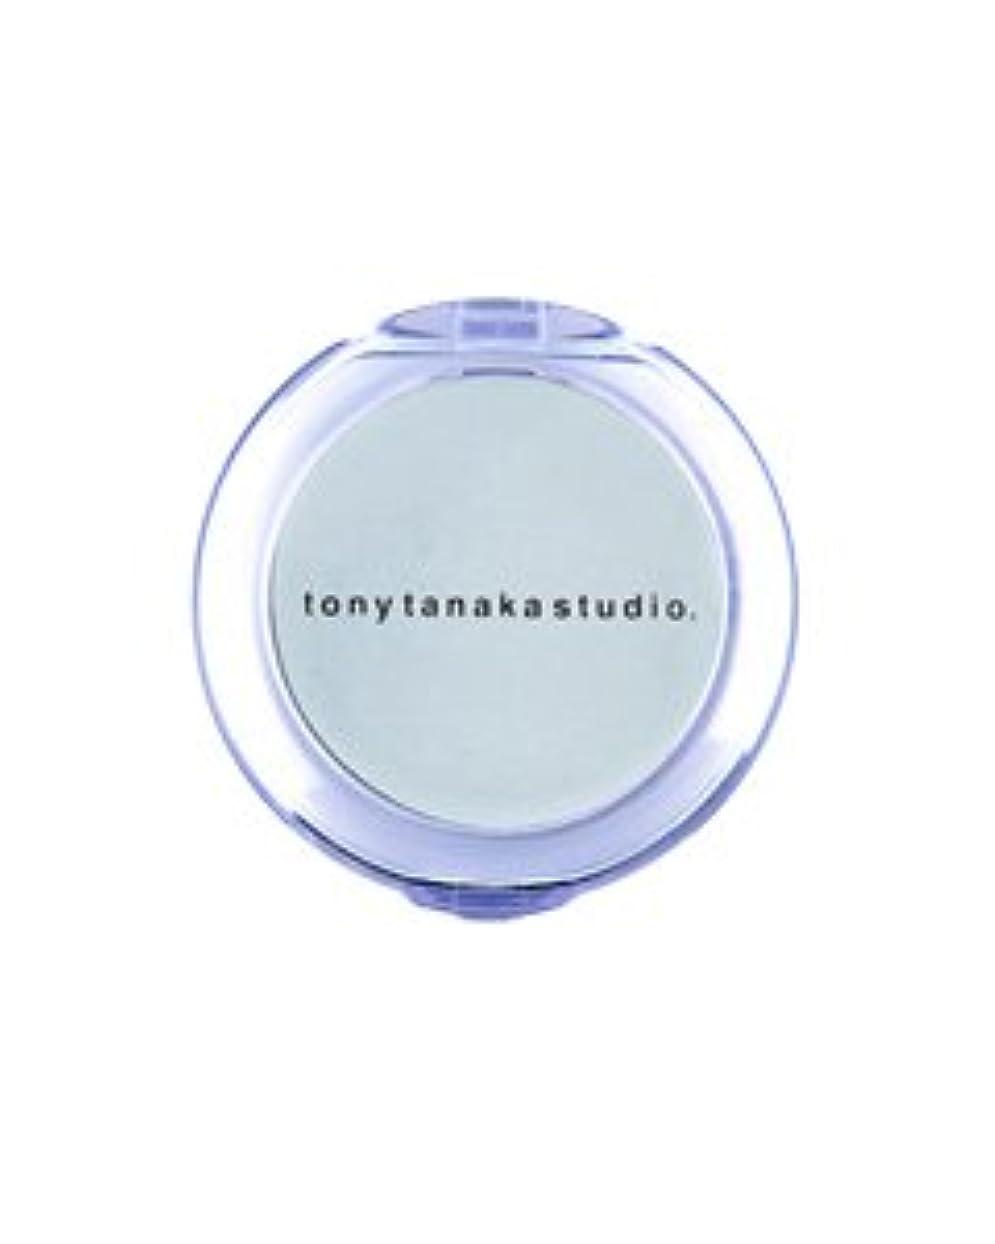 効能ある移行確認してくださいトニーズコレクション クリームアイカラー CE-01 【トニータナカ】